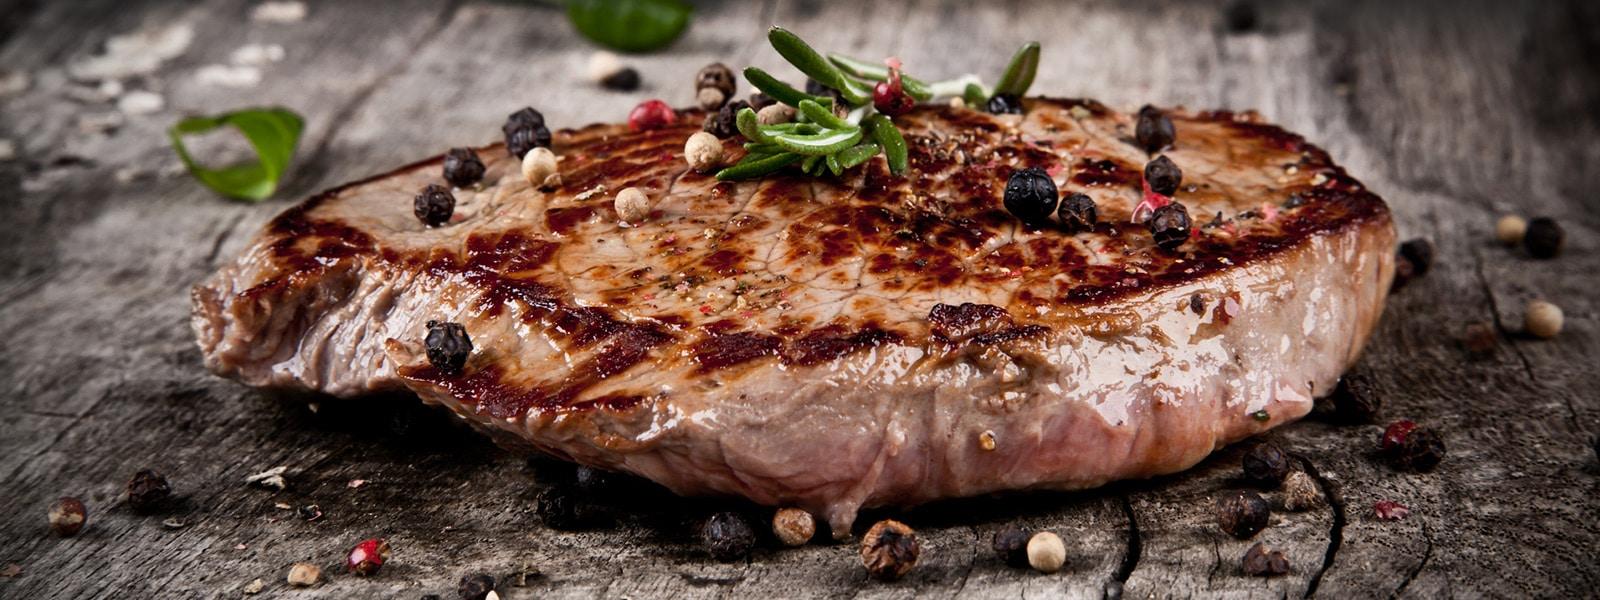 Smoker Grill BBQ Steak Slider